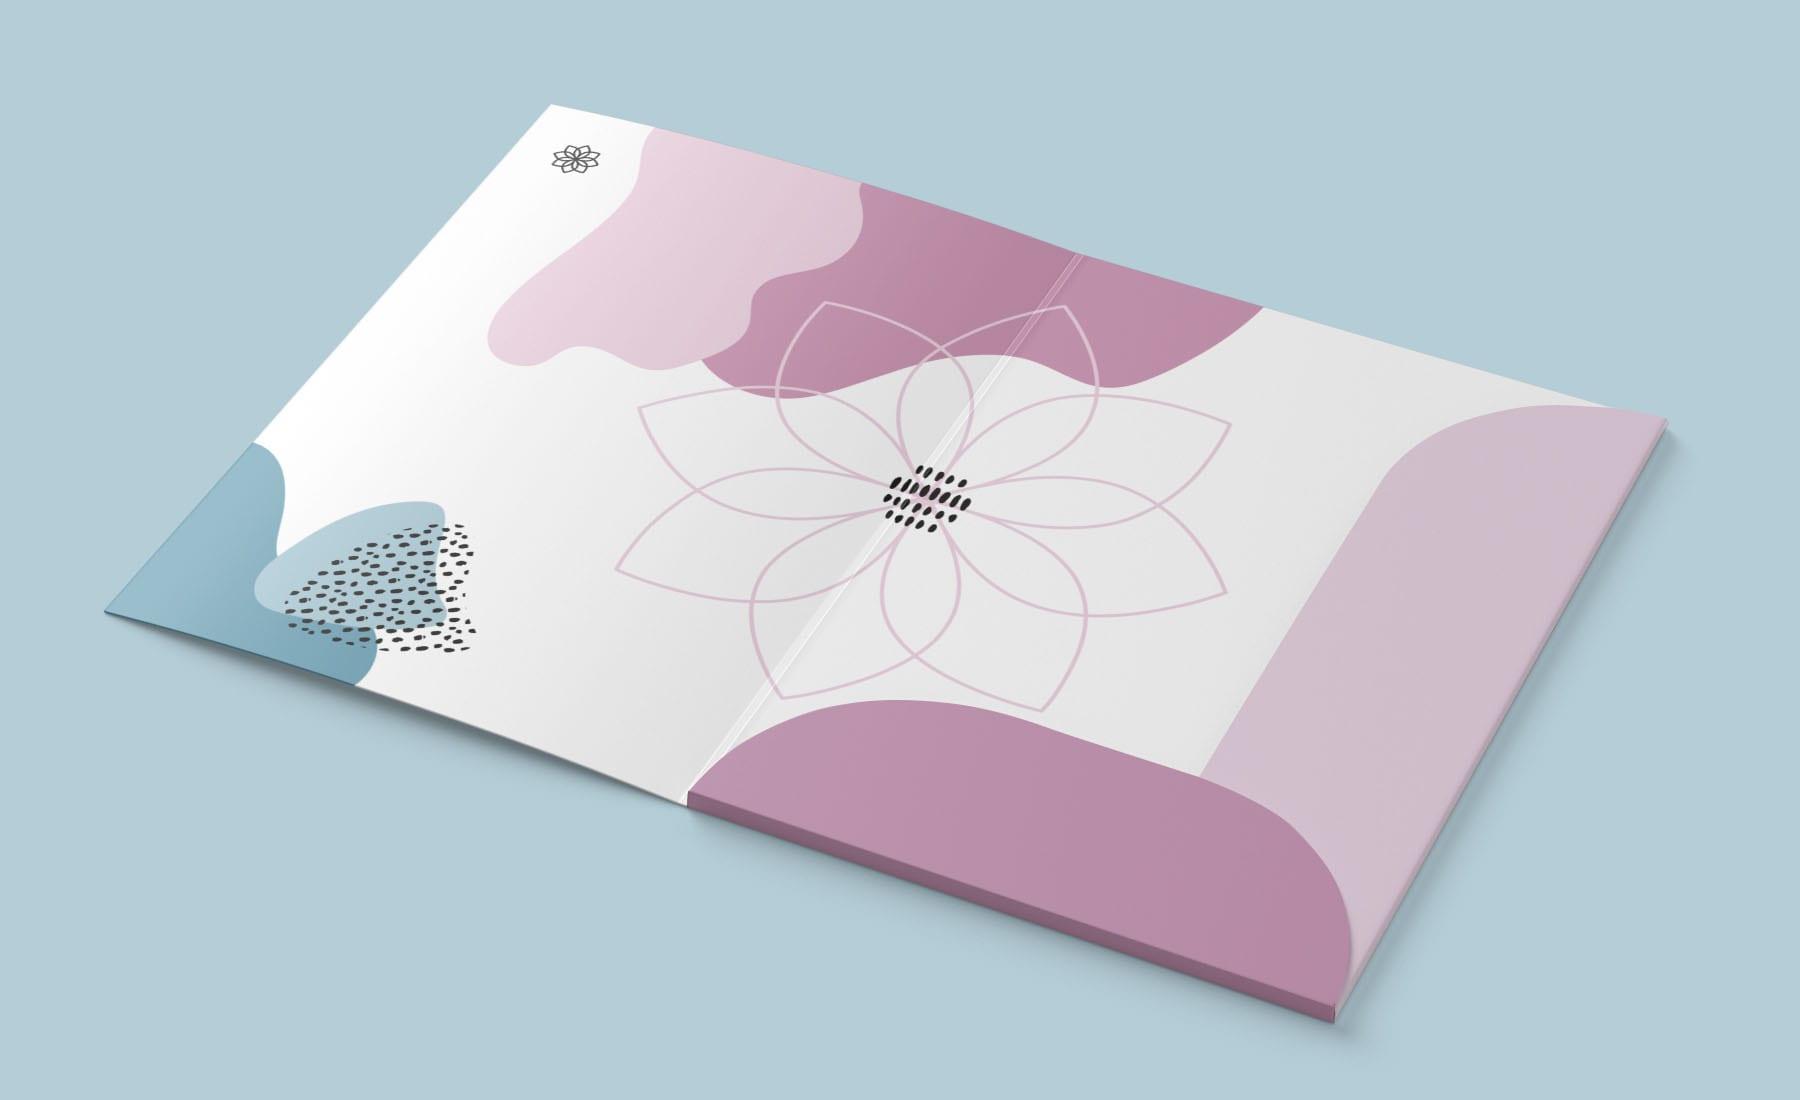 Femme Motion Fitnessstudio Villach - Druckprodukte Design der Mappe für die Mitglieder - innen